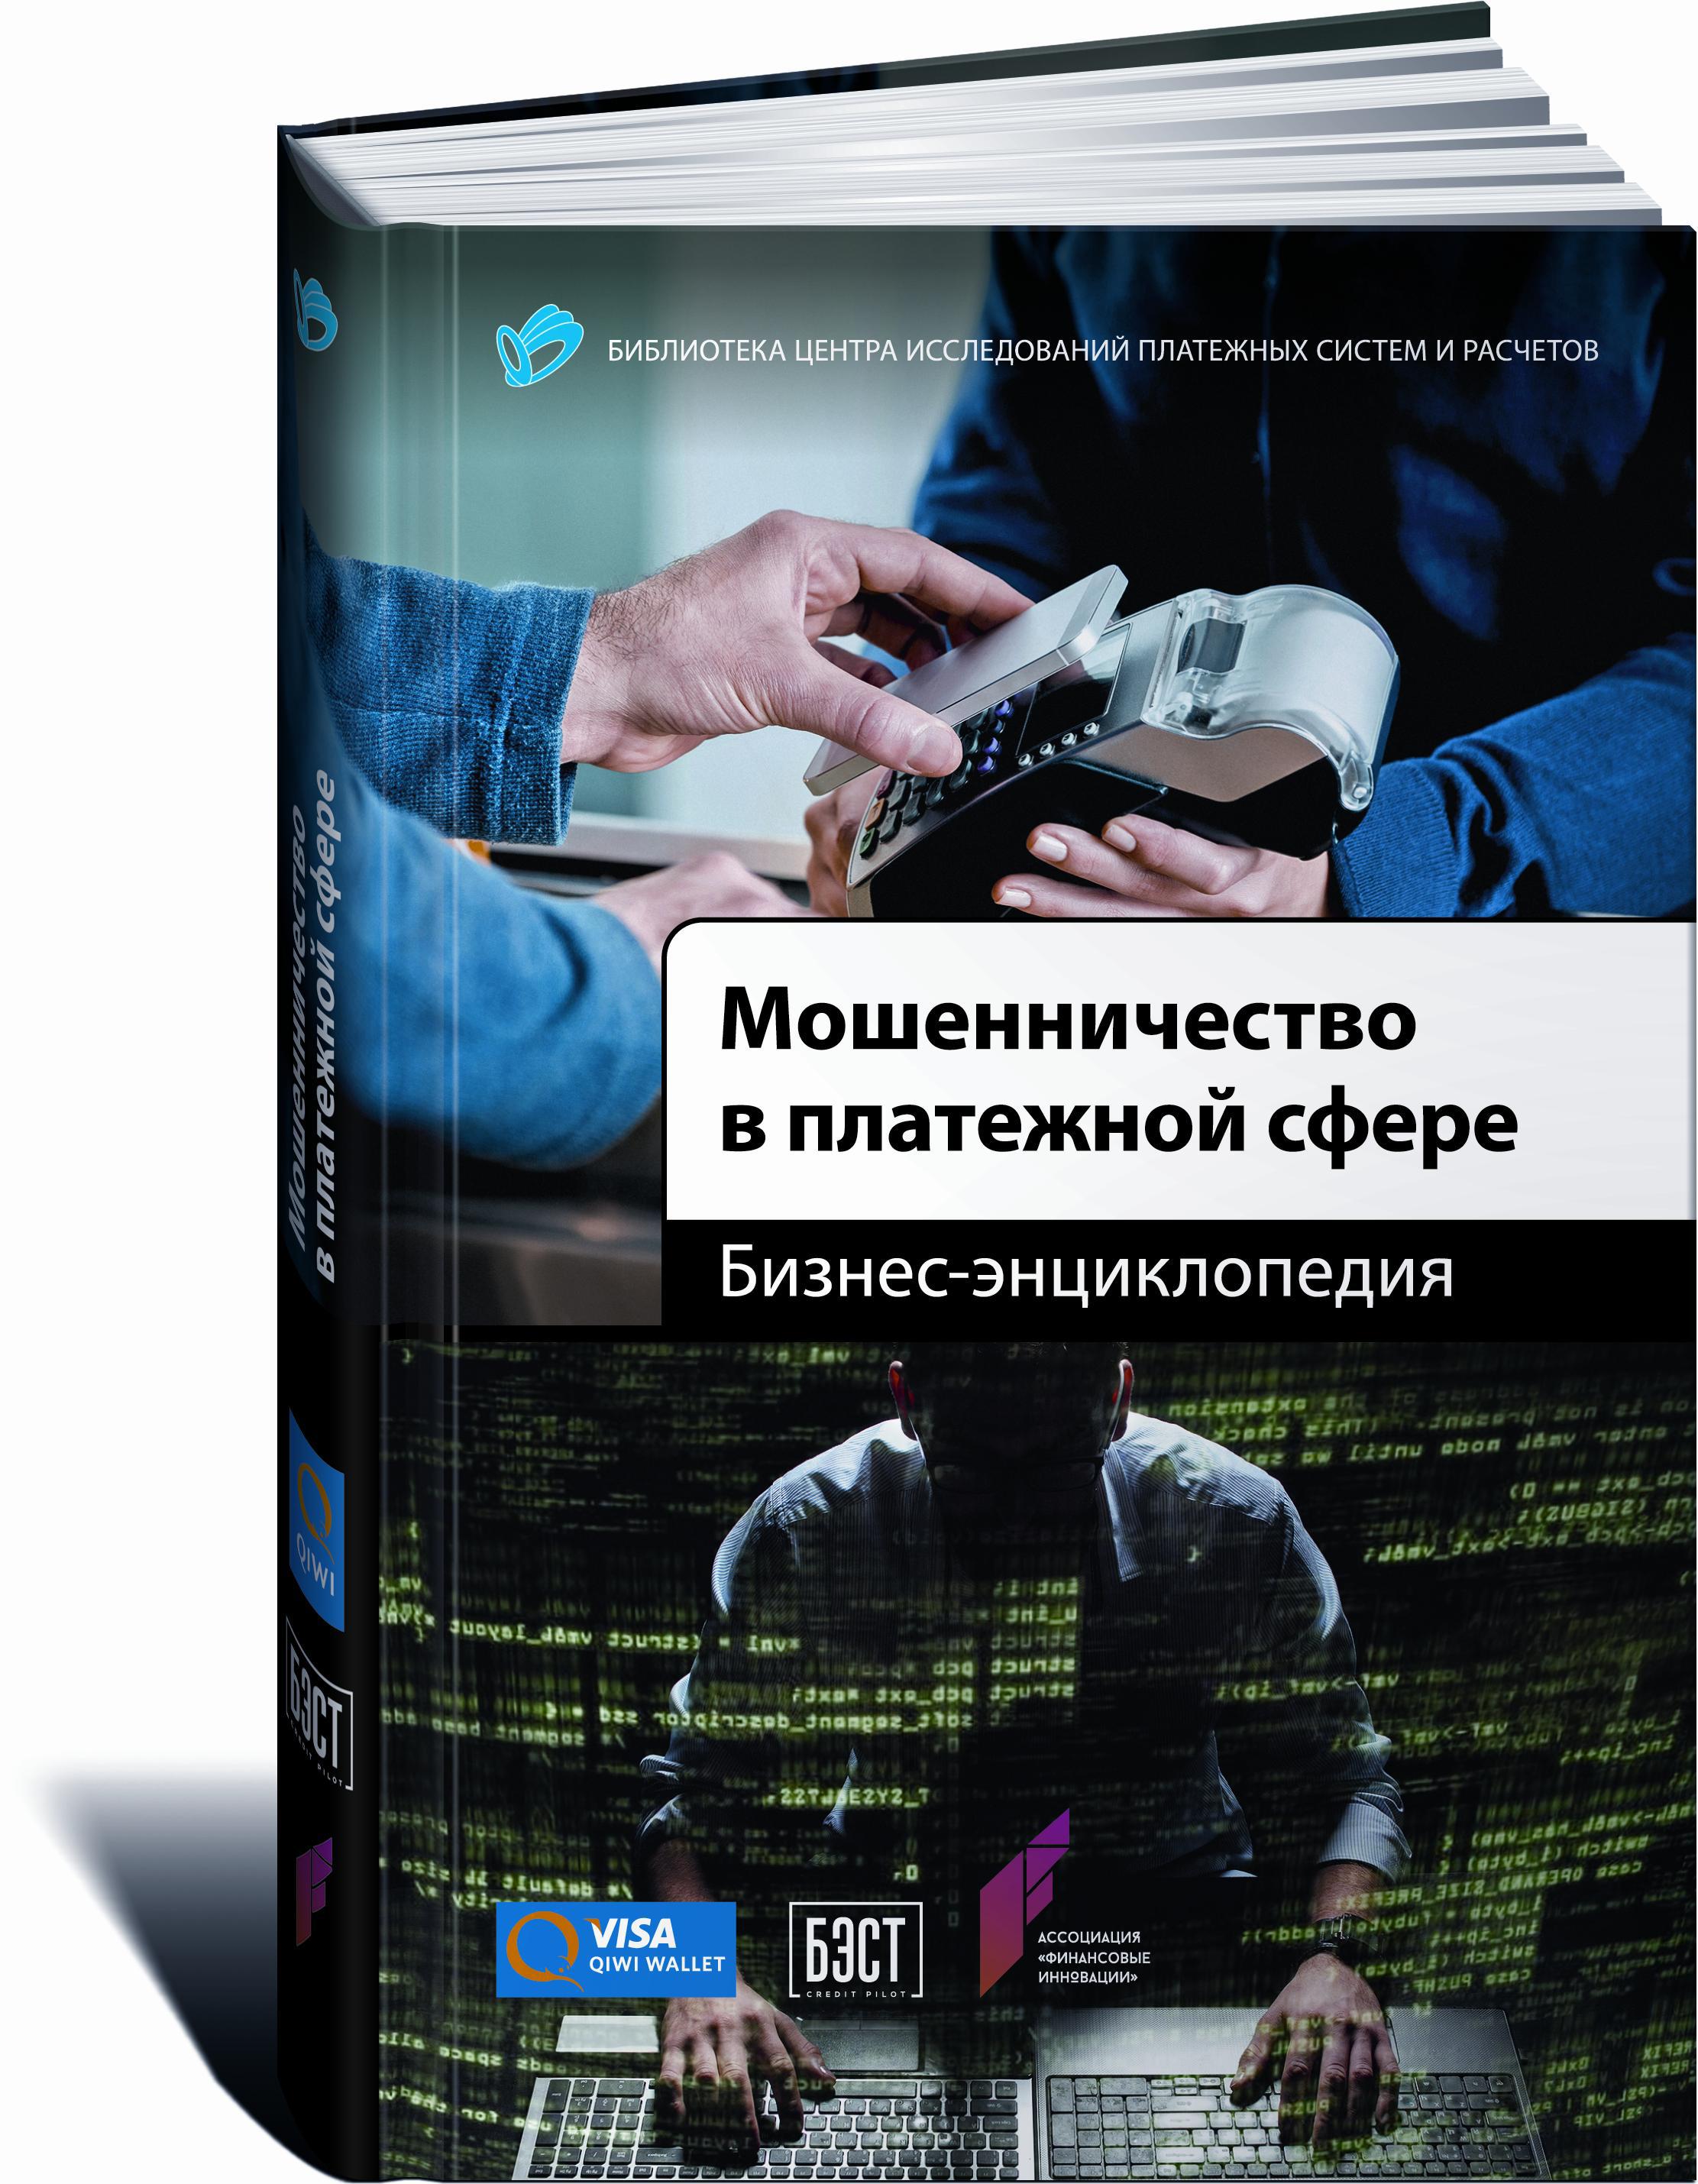 Мошенничество в платежной сфере. Бизнес-энциклопедия